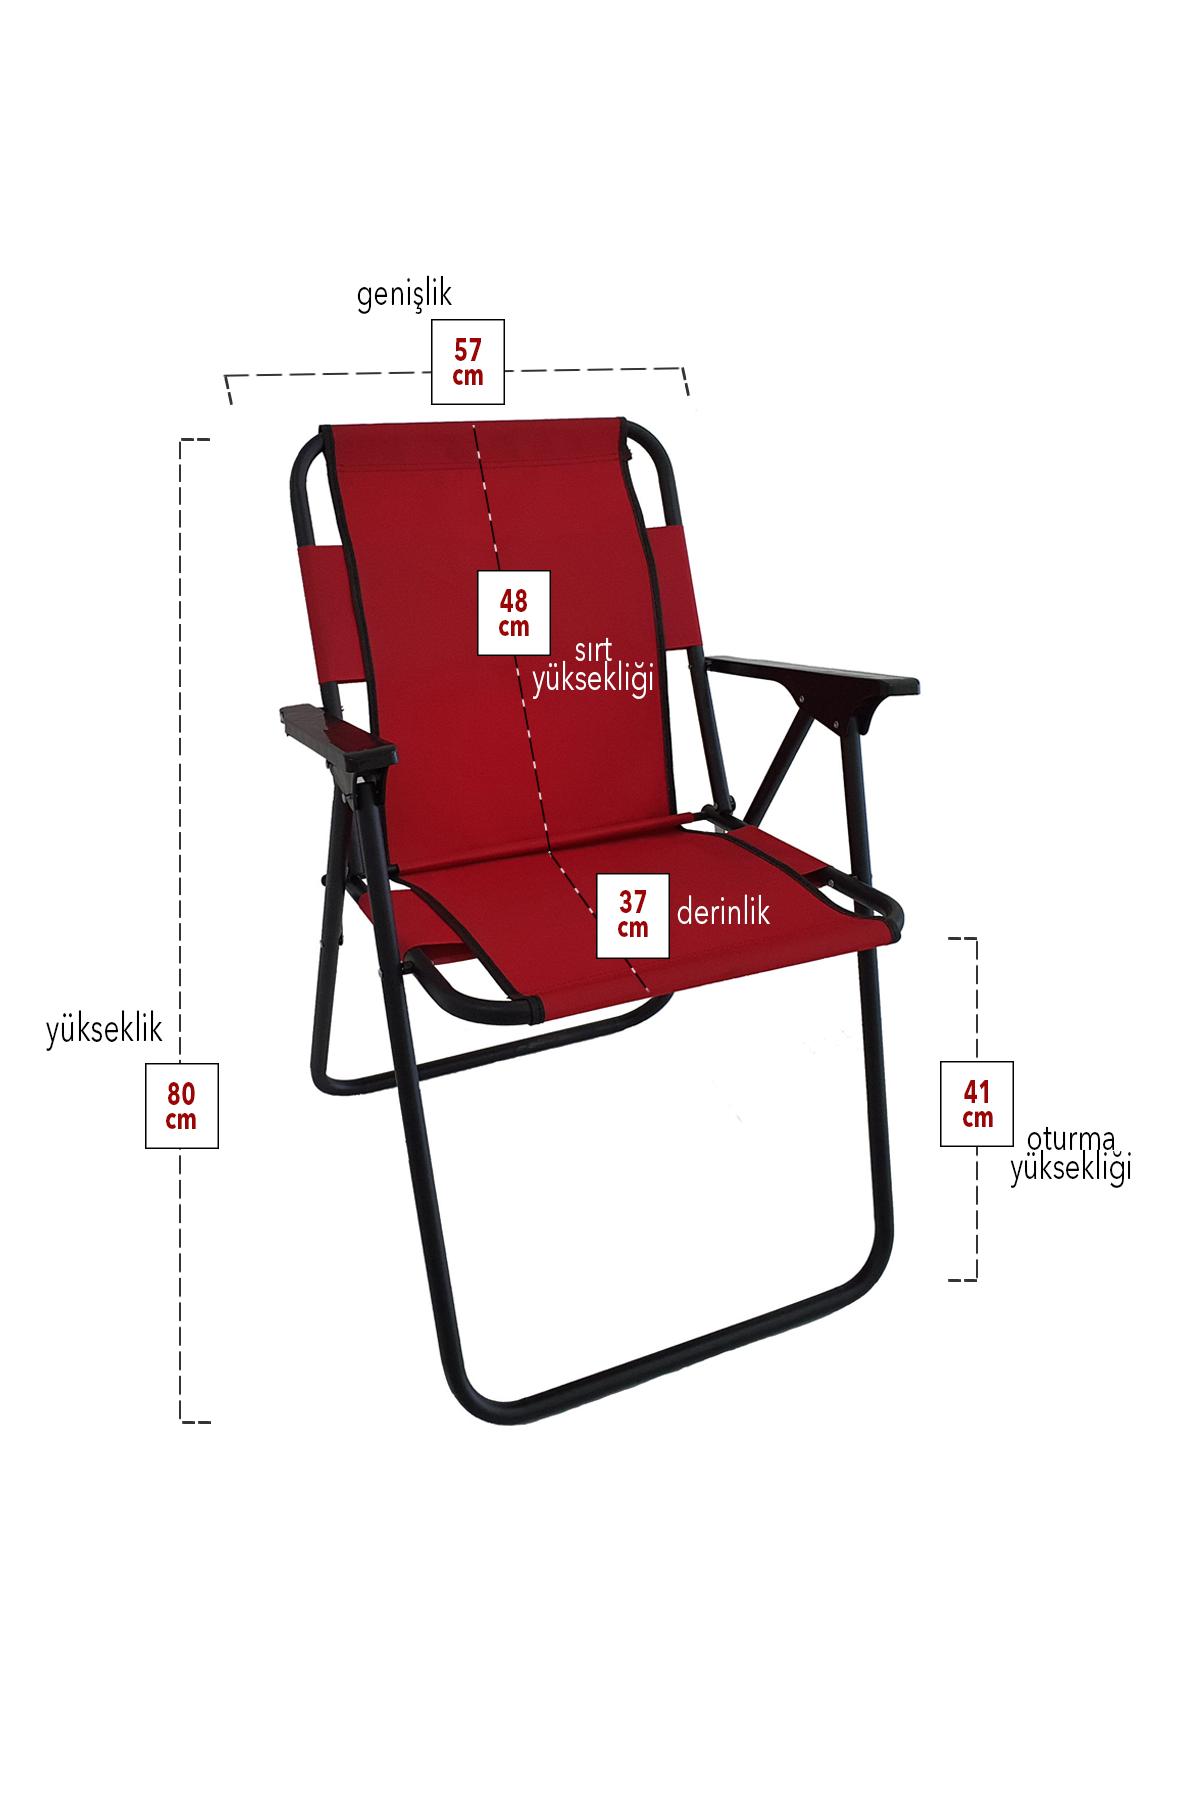 Bofigo Kamp Sandalyesi Katlanır Sandalye Piknik Sandalyesi Plaj Sandalyesi Kırmızı